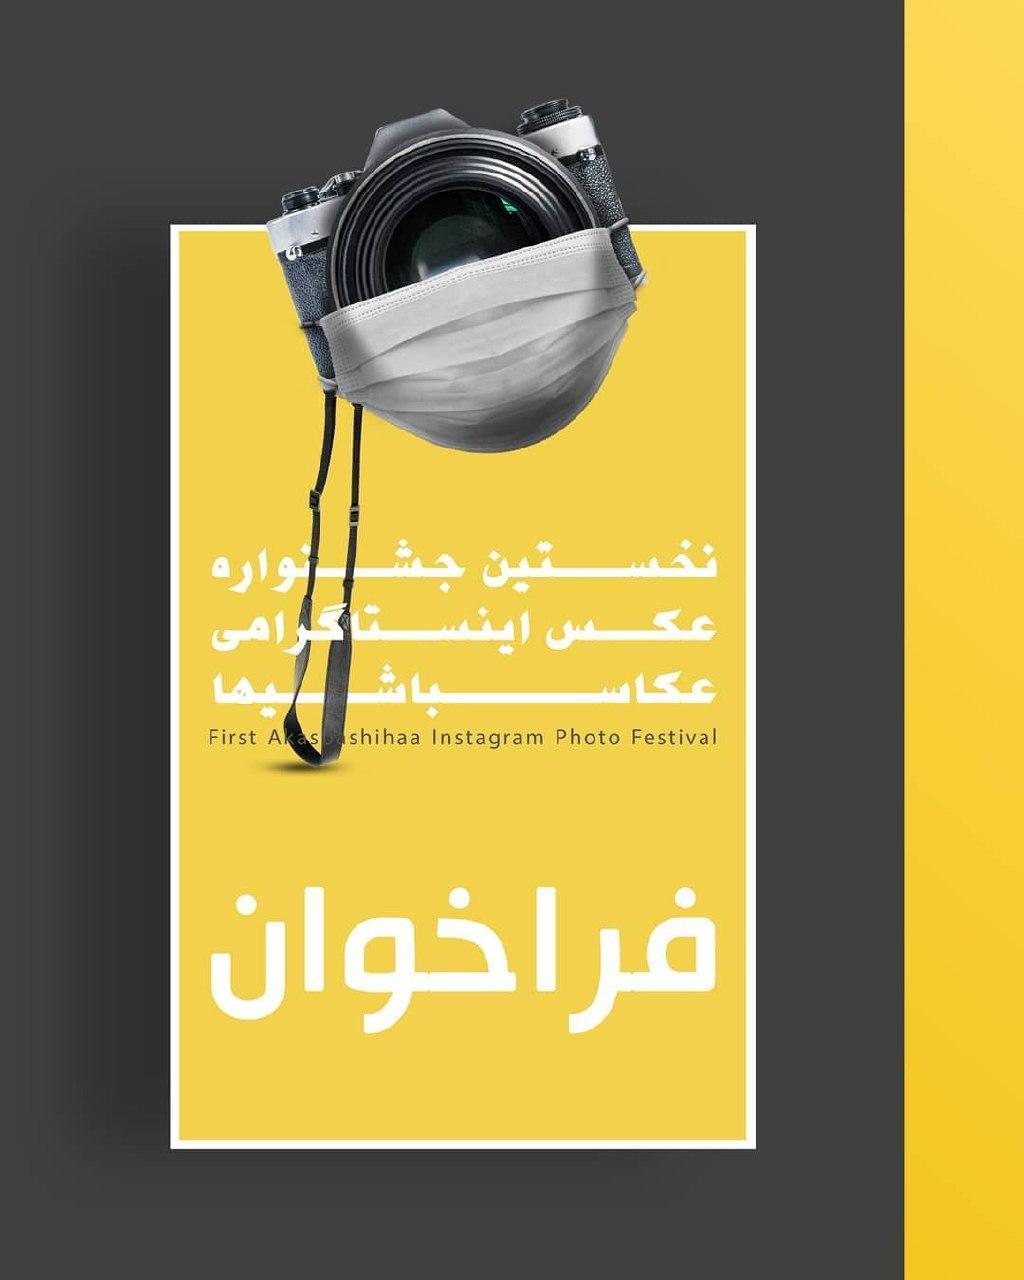 فراخوان جشنواره عکاسی «عکاسباشیها» لینک : https://asarart.ir/Atelier/?p=12978 👇 سایت : AsarArt.ir/Atelier اینستاگرام : instagram.com/AsarArtAtelier تلگرام : @AsarArtAtelier 👆